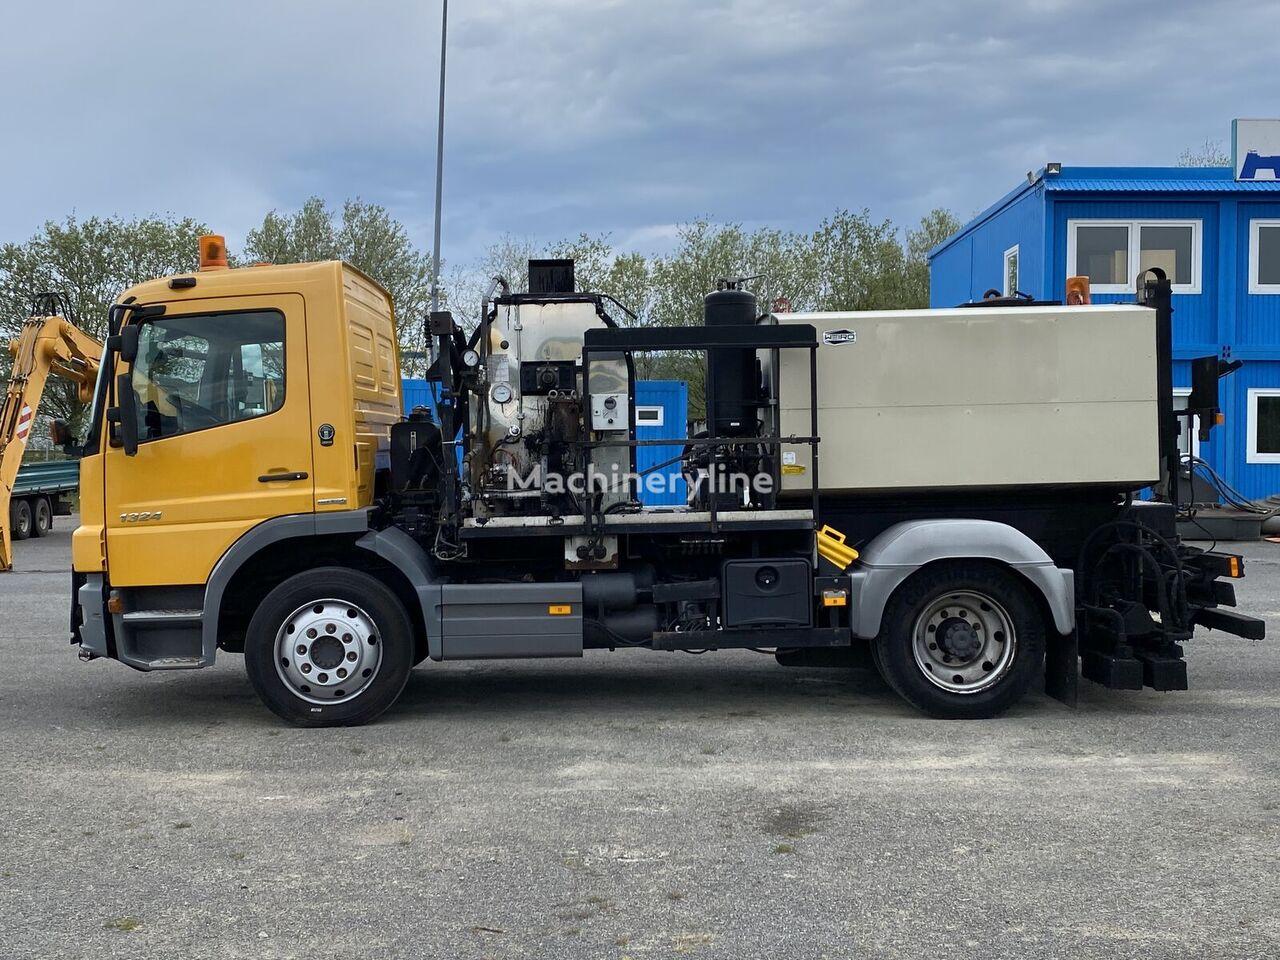 MERCEDES-BENZ Bitumensrayer Weiro 3000L + 800L  3300 mm Spritzbreite bitumen truck